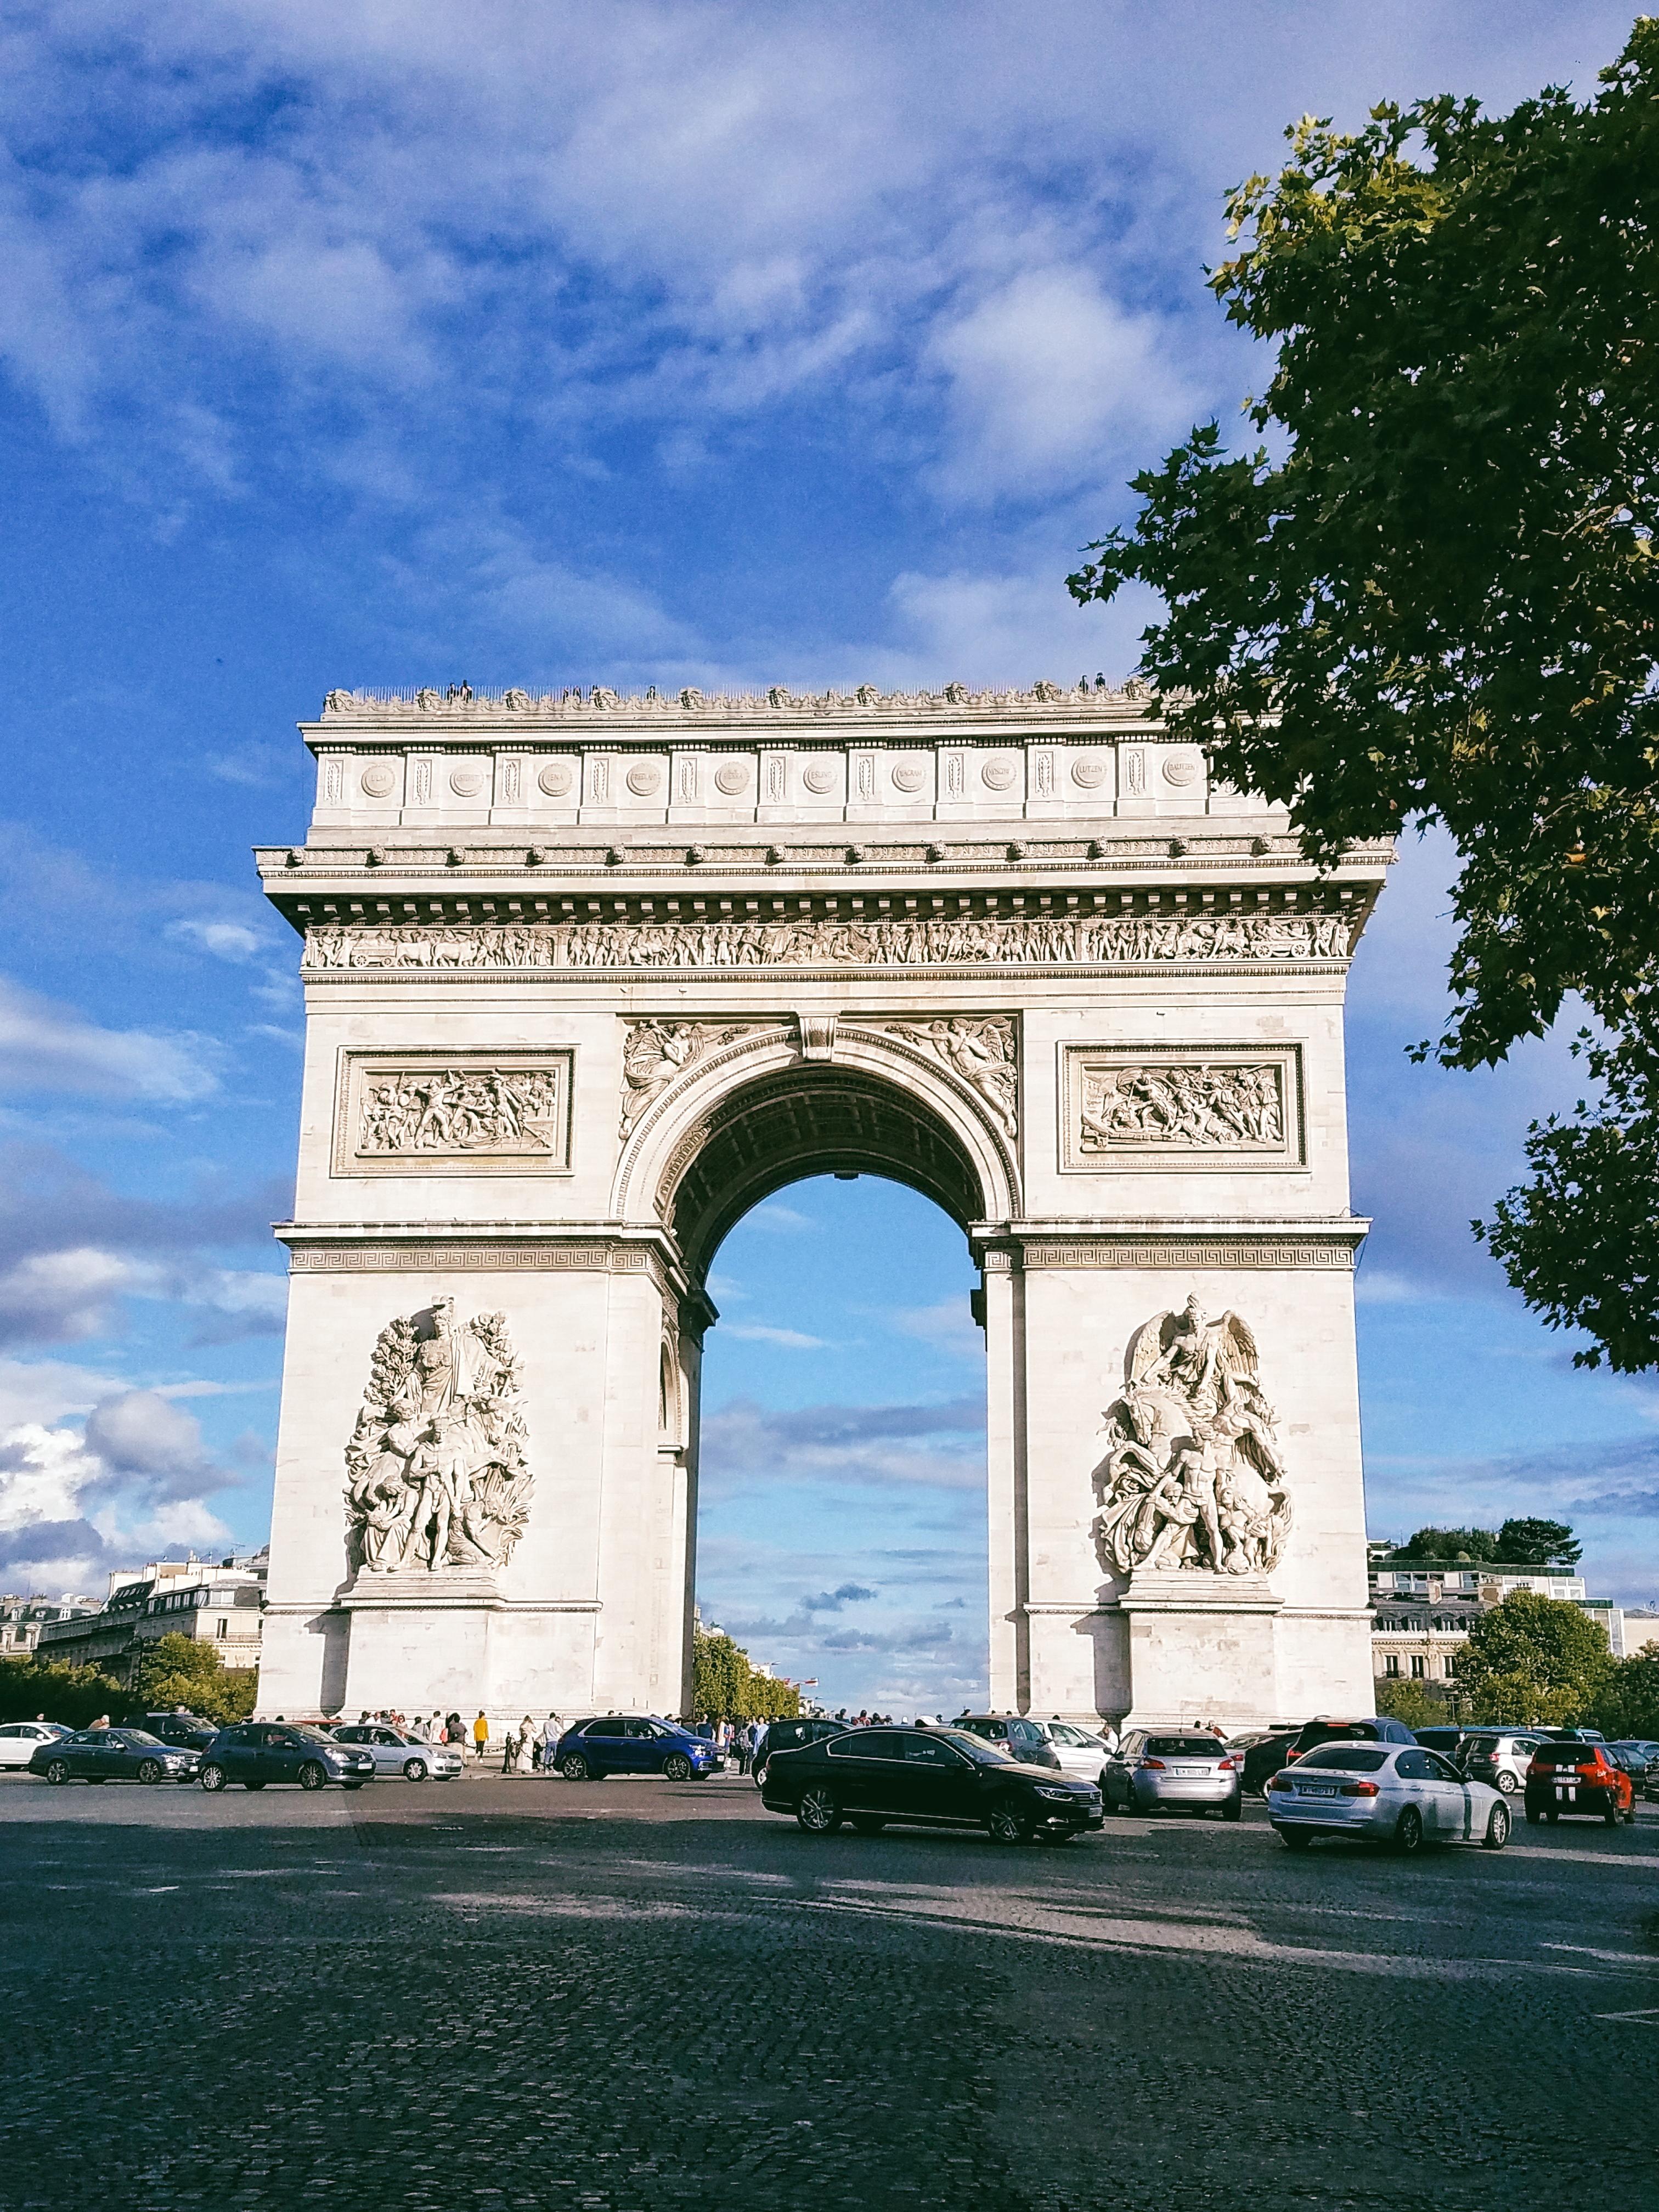 climb the arc de triomphe